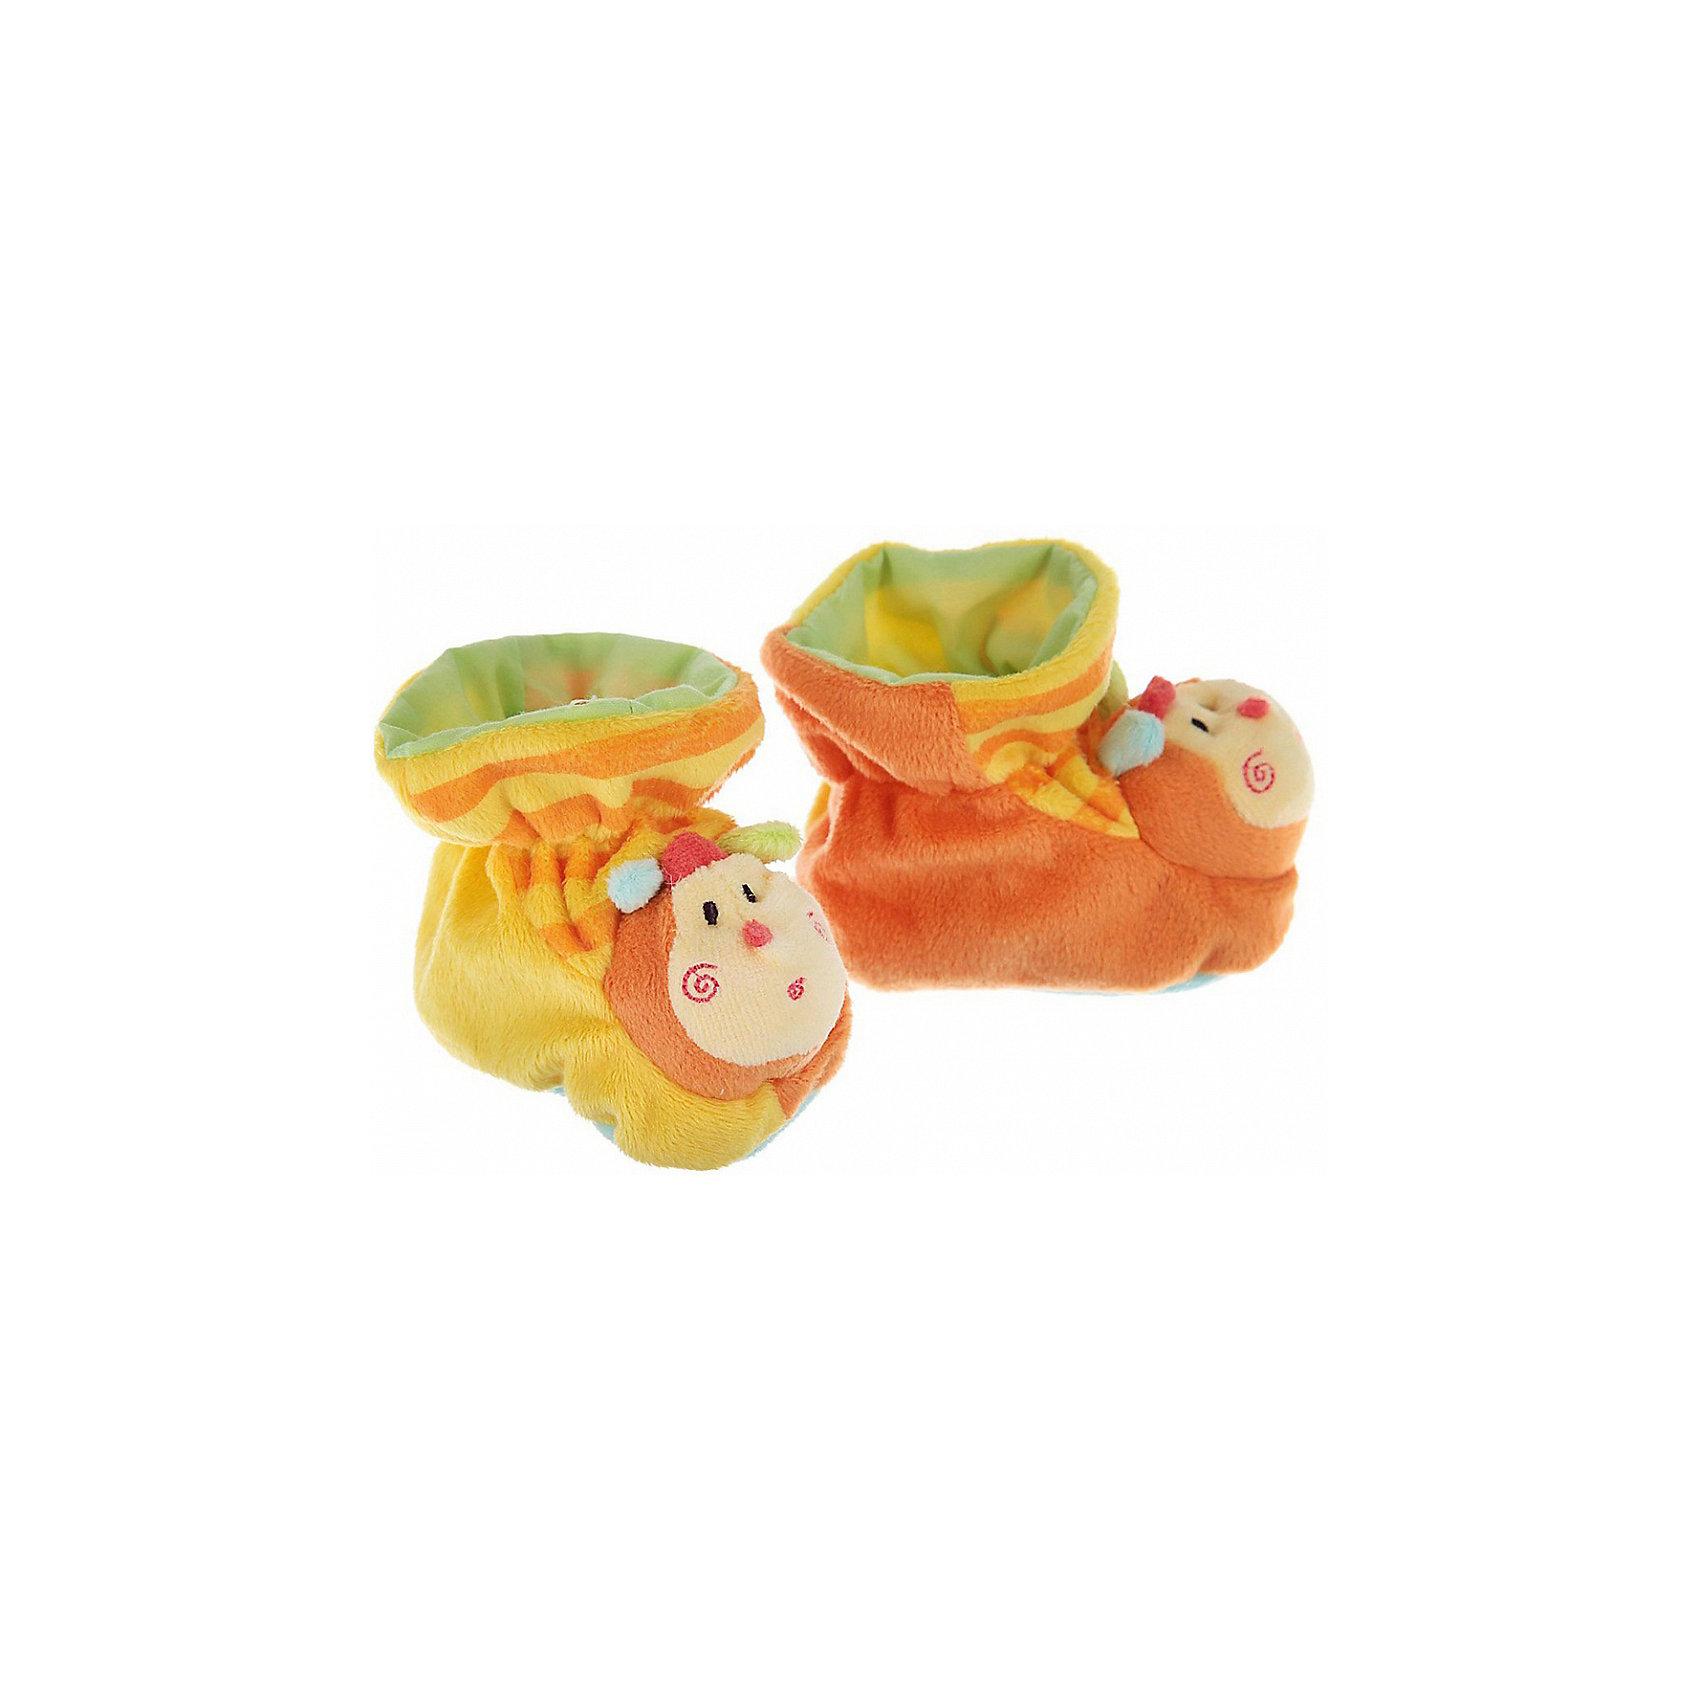 Пинетки с аппликацией Пчелки, Baby NiceПинетки и царапки<br>Одежда, обувь и аксессуары для детей должны быть качественными и безопасными. Эти пинетки обеспечат ножкам малыша комфорт и тепло. Они украшены симпатичной мордочкой пчелки.<br>Пинетки сшиты из натуральной дышащей хлопчатобумажной ткани, приятной на ощупь. Она не вызывает аллергии, что особенно важно для малышей. Также материал обеспечит хорошую терморегуляцию. Ткань очень мягкая и теплая. Пинетки сделаны из высококачественных материалов, безопасных для ребенка.<br><br>Дополнительная информация:<br><br>цвет: разноцветный;<br>материал: 100% хлопок;<br>аппликация.<br><br>Пинетки с аппликацией Пчелки от компании Baby Nice можно купить в нашем магазине.<br><br>Ширина мм: 100<br>Глубина мм: 60<br>Высота мм: 30<br>Вес г: 200<br>Возраст от месяцев: 0<br>Возраст до месяцев: 36<br>Пол: Унисекс<br>Возраст: Детский<br>SKU: 4941765